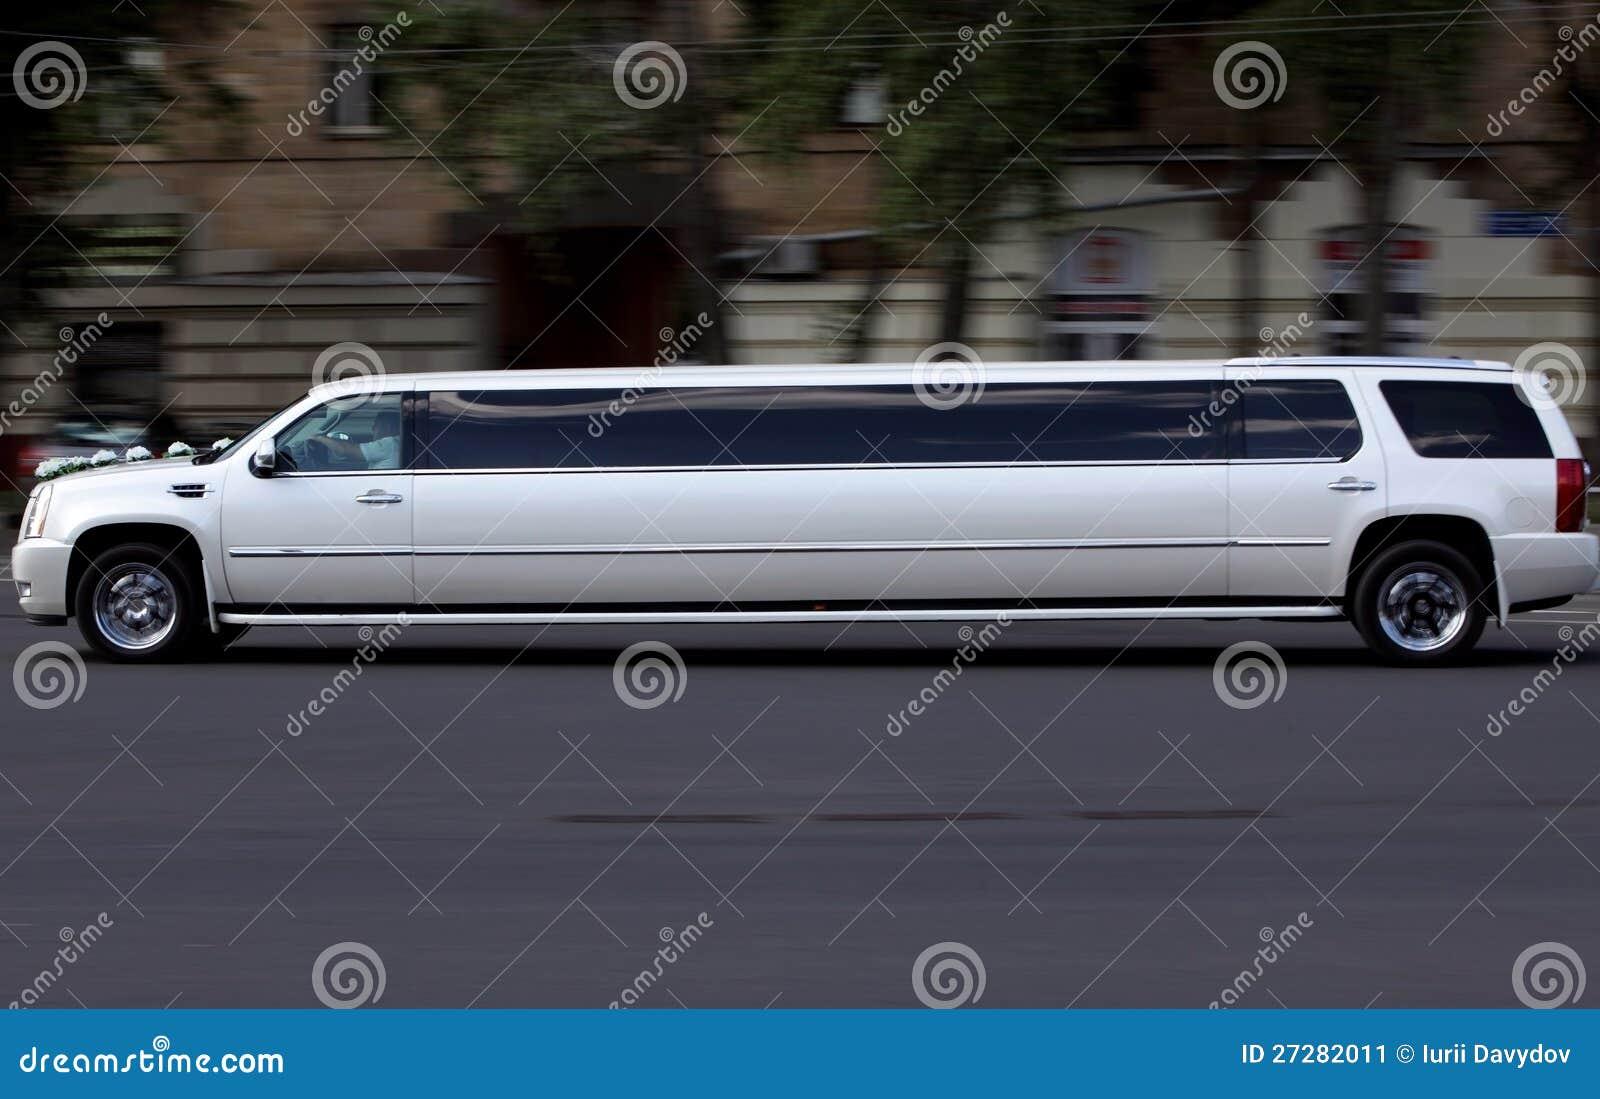 witte de luxe lange auto van het huwelijk stock afbeelding afbeelding bestaande uit life. Black Bedroom Furniture Sets. Home Design Ideas